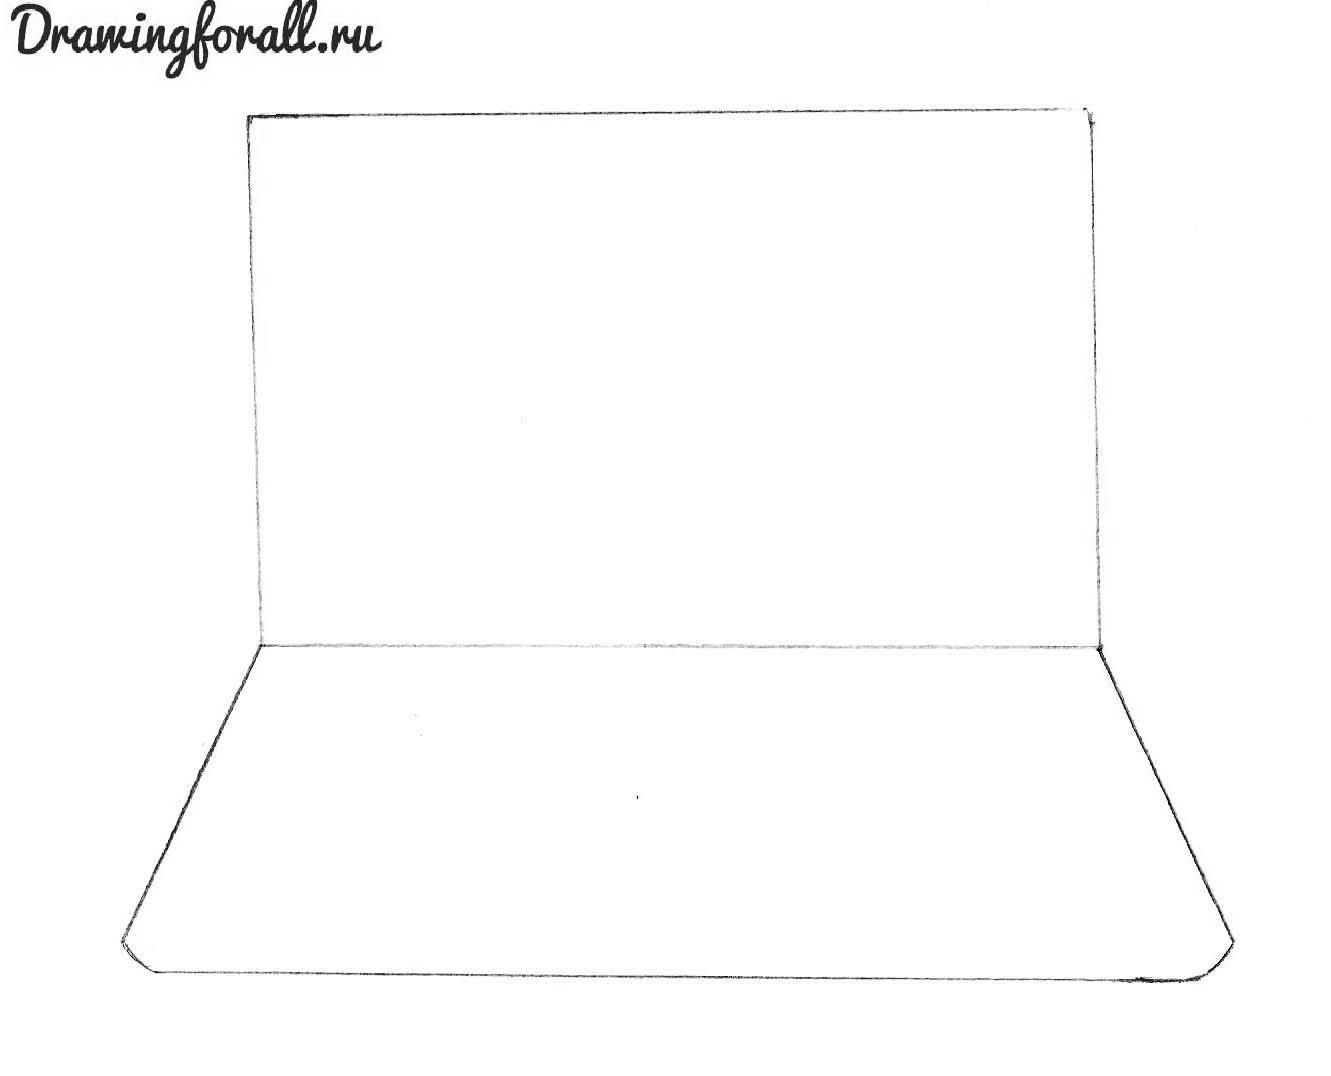 как нарисовать нуотбук